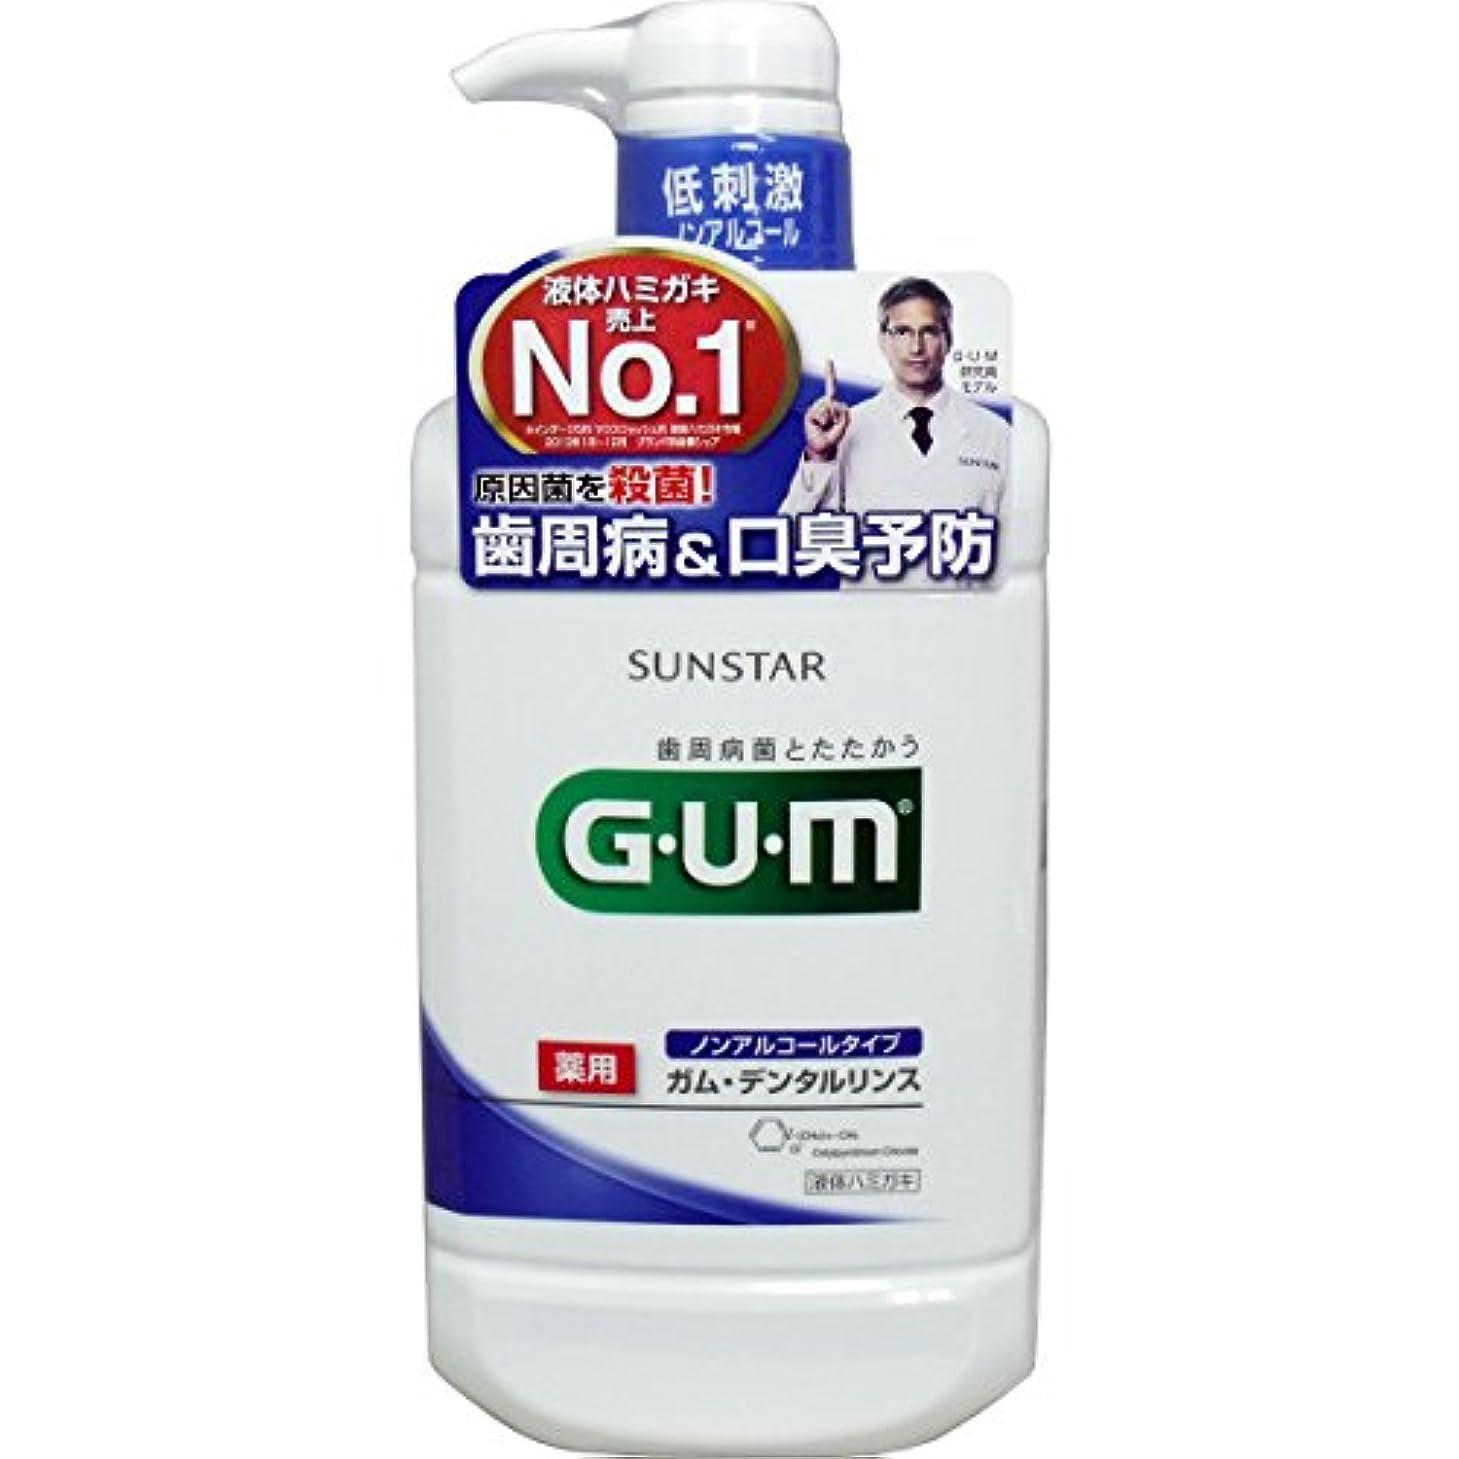 【まとめ買い】GUM(ガム)?デンタルリンス (ノンアルコールタイプ) 960mL (医薬部外品)×3個